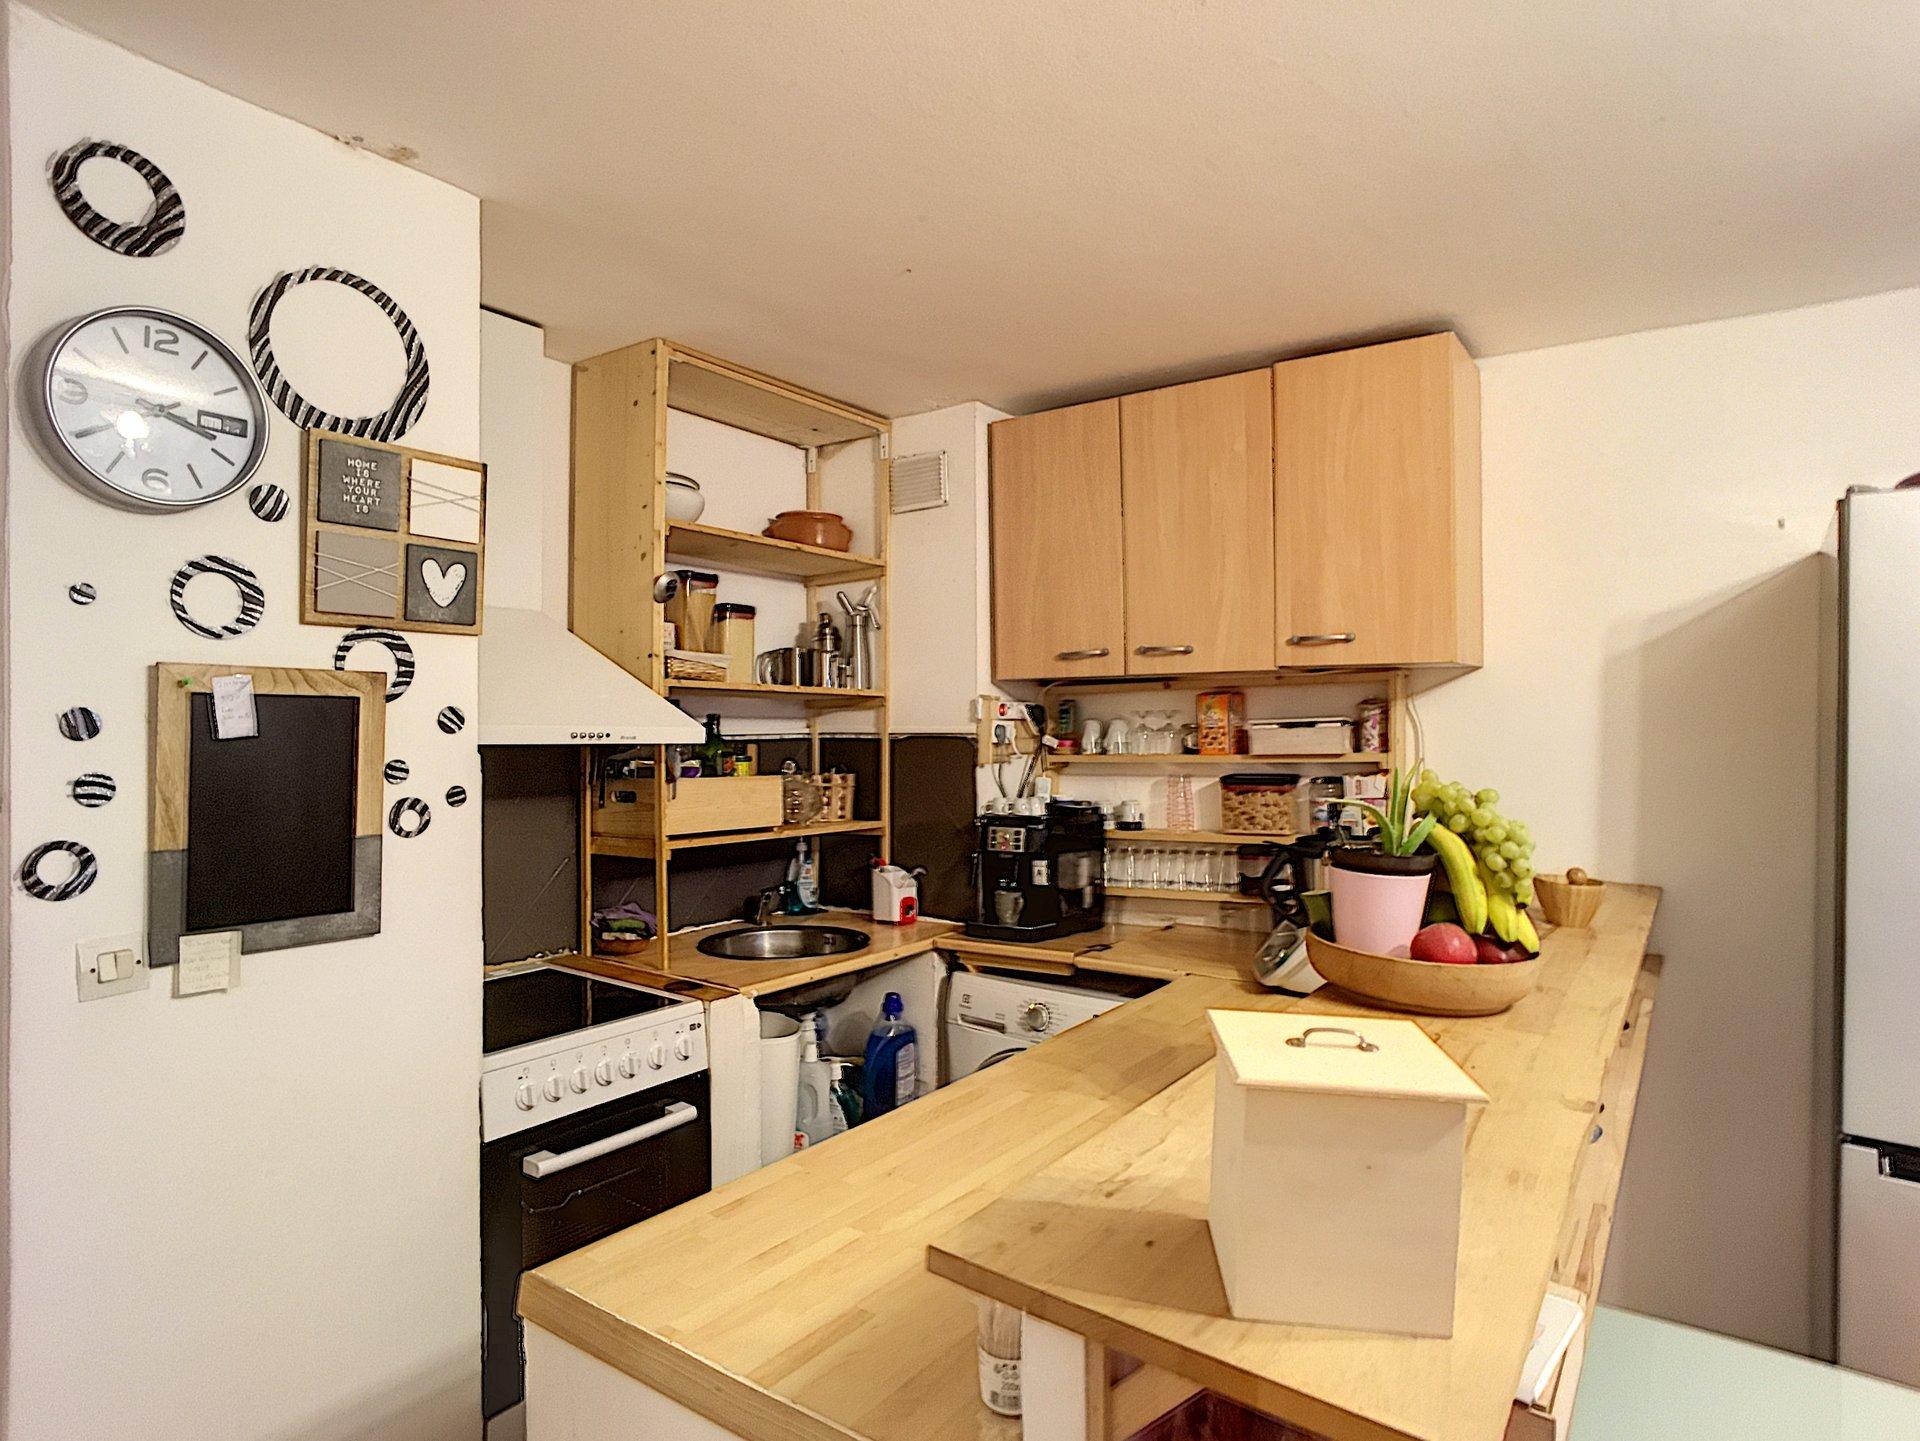 VILLENEUVE LOUBET (06270) - Appartement - 1 chambre - 2 pièces